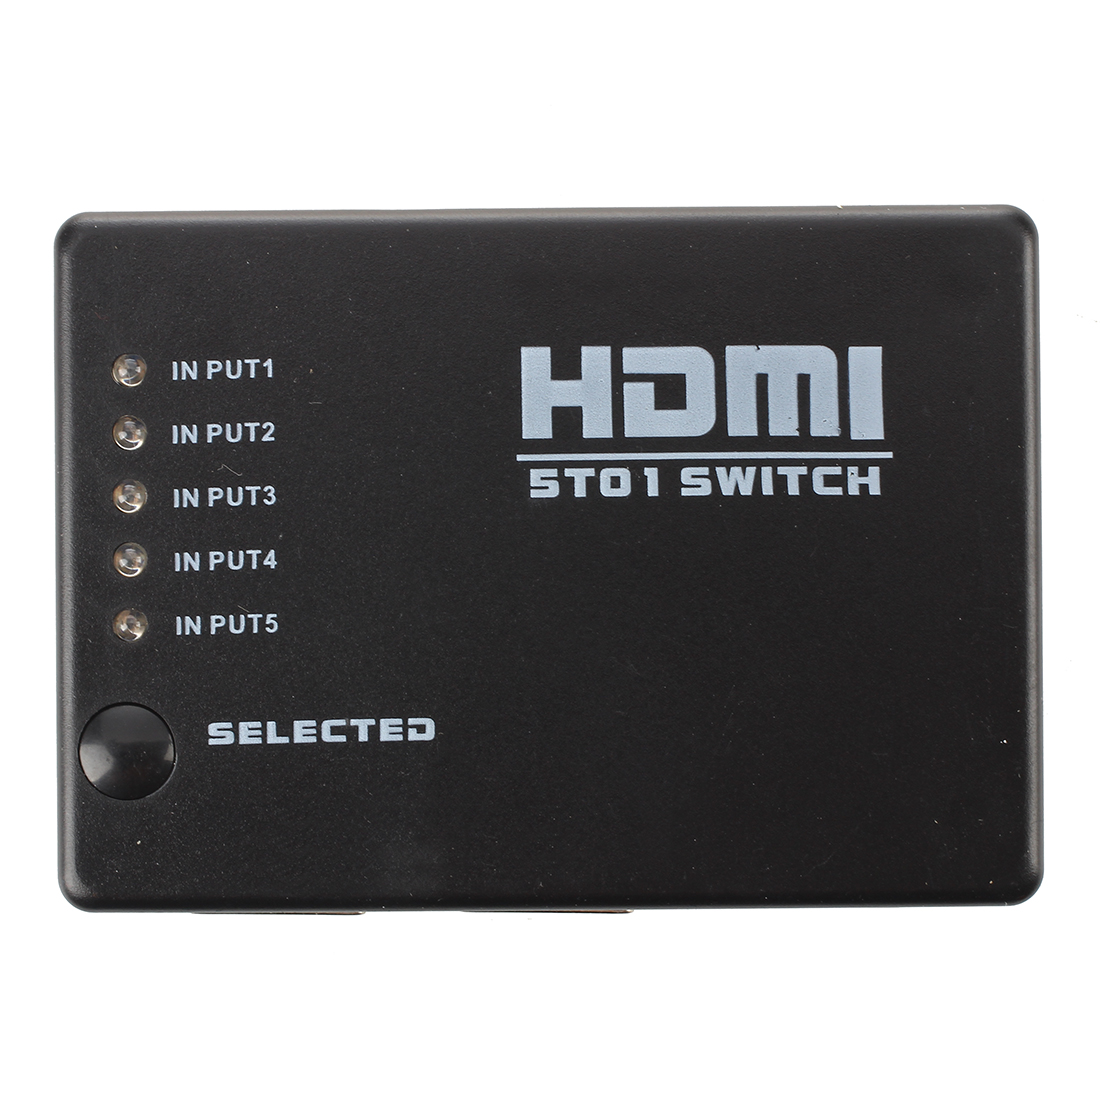 Mini 5 Port 1080 P Video Hdmi Switch Switcher Splitter Mit Ir-fernbedienung SpäTester Style-Online-Verkauf Von 2019 50% Computer & Büro